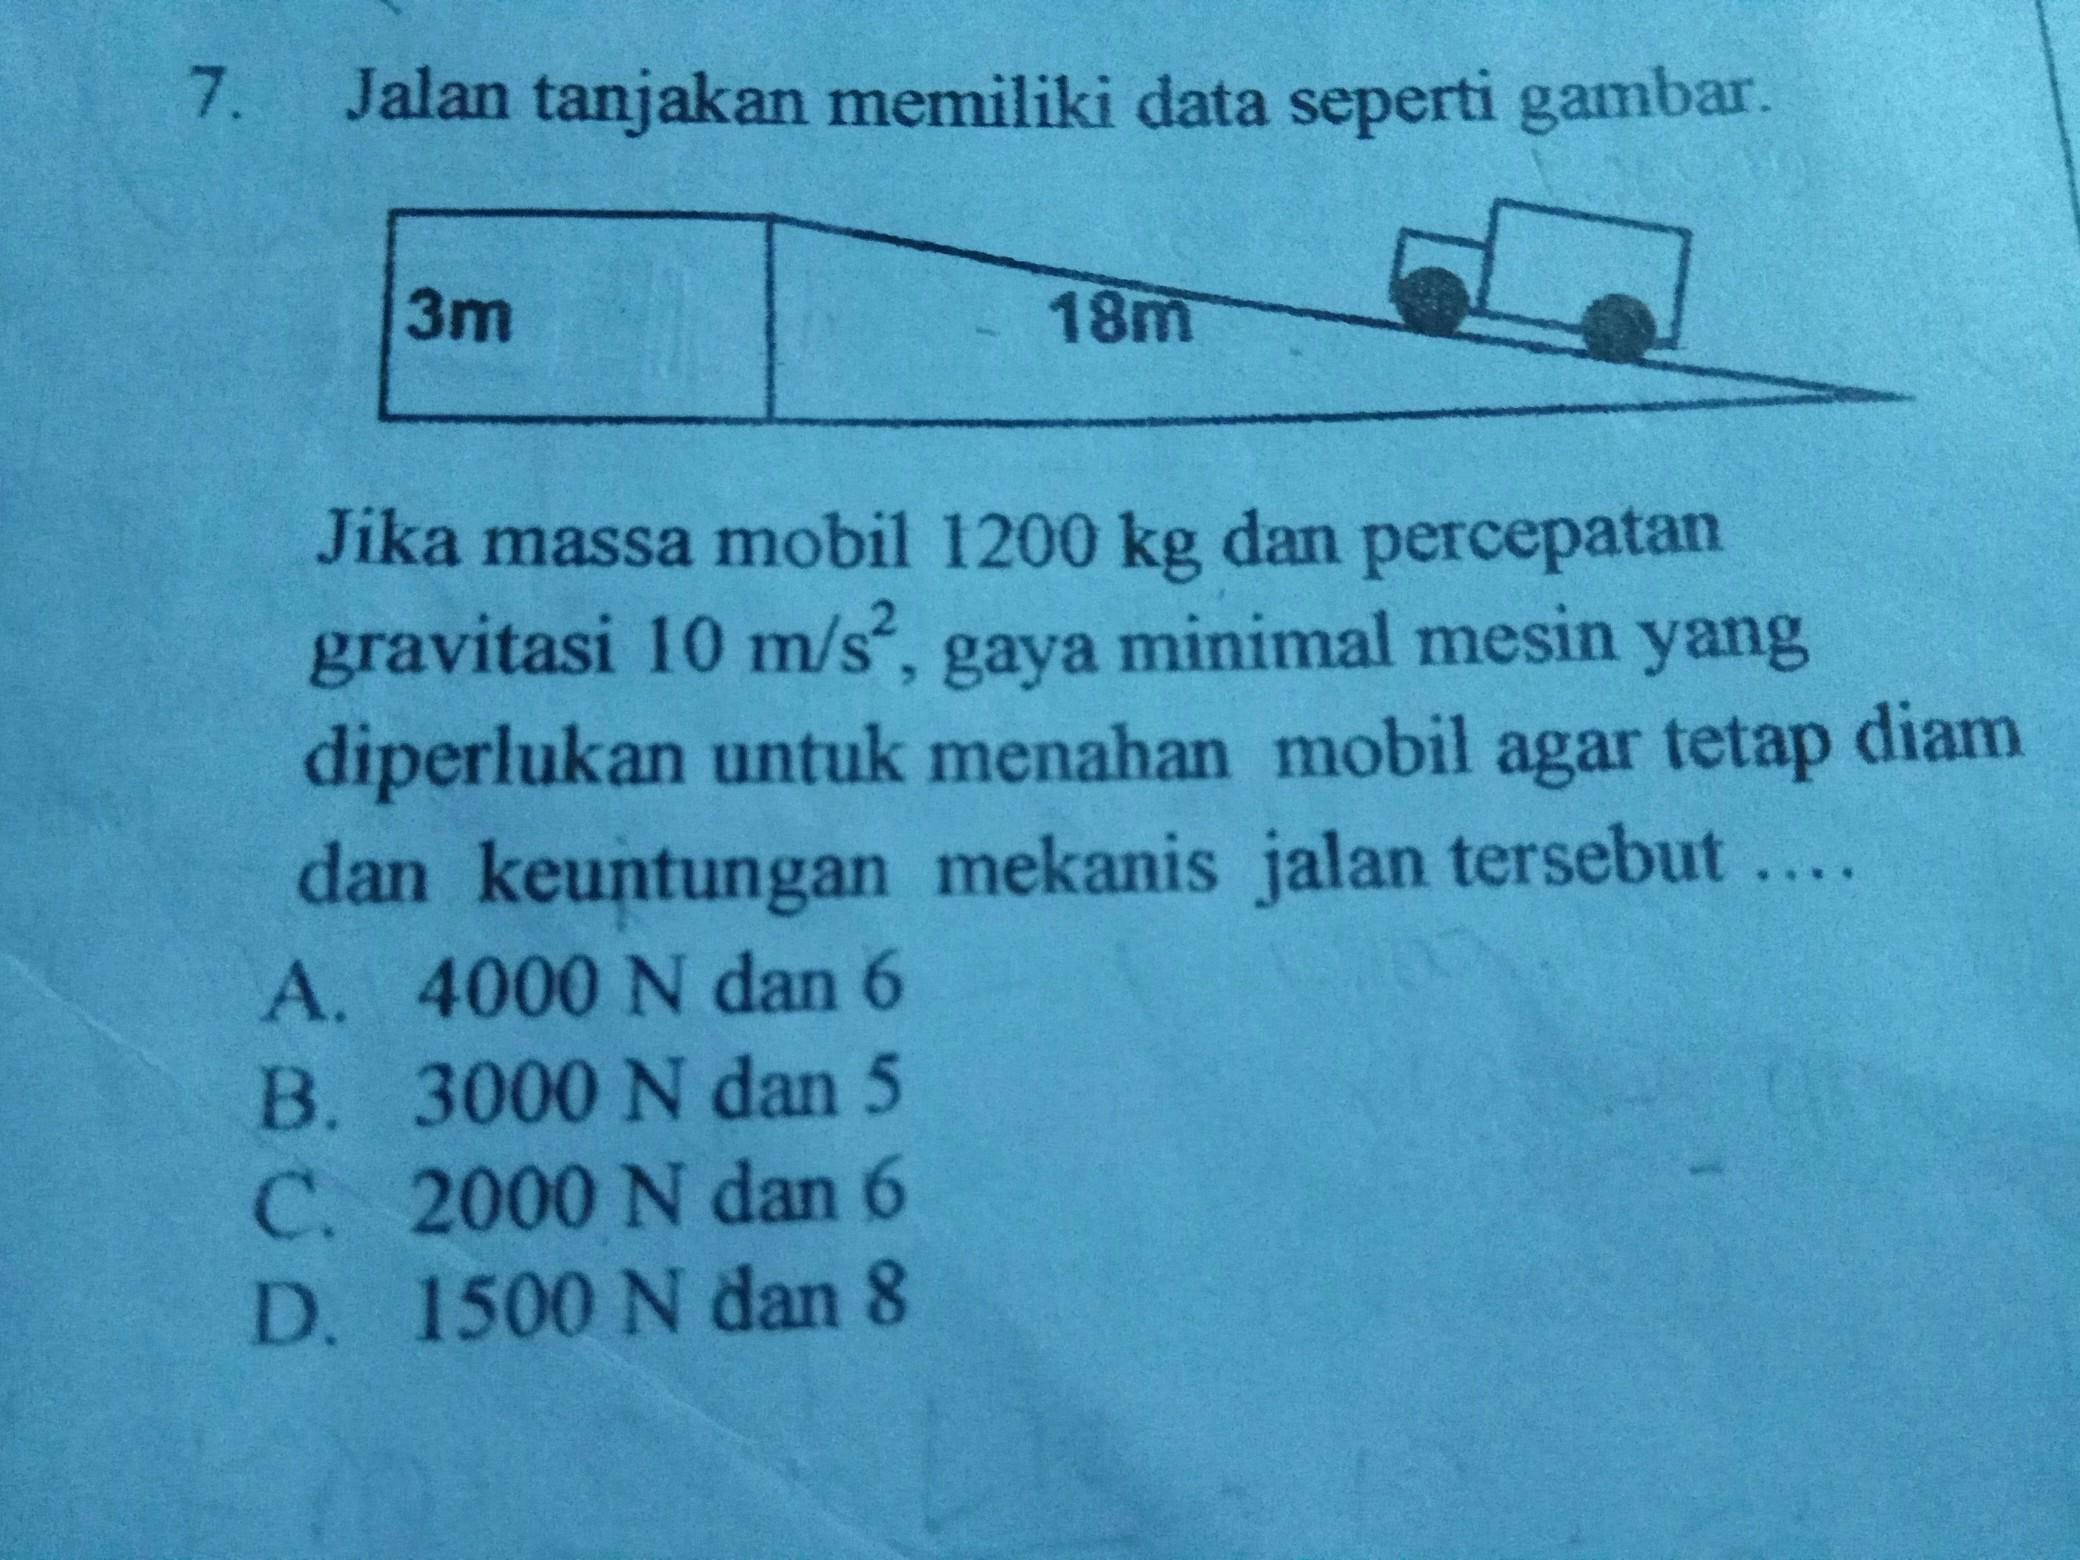 Jika massa mobil 1200 kg dan percepatan gravitasi 10 m/s² ...